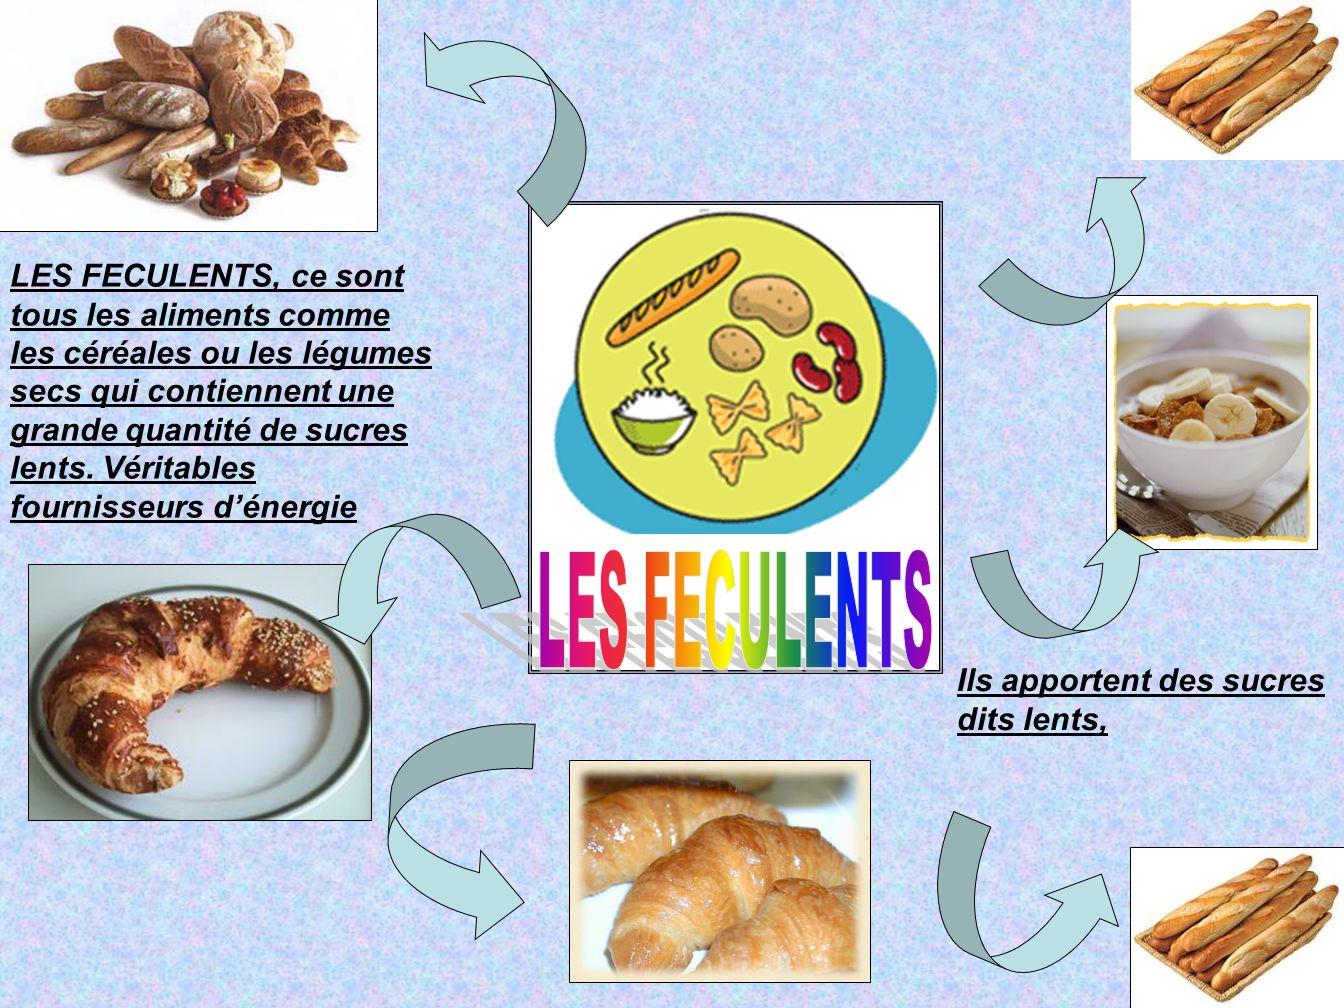 LES FECULENTS, ce sont tous les aliments comme les céréales ou les légumes secs qui contiennent une grande quantité de sucres lents. Véritables fourni